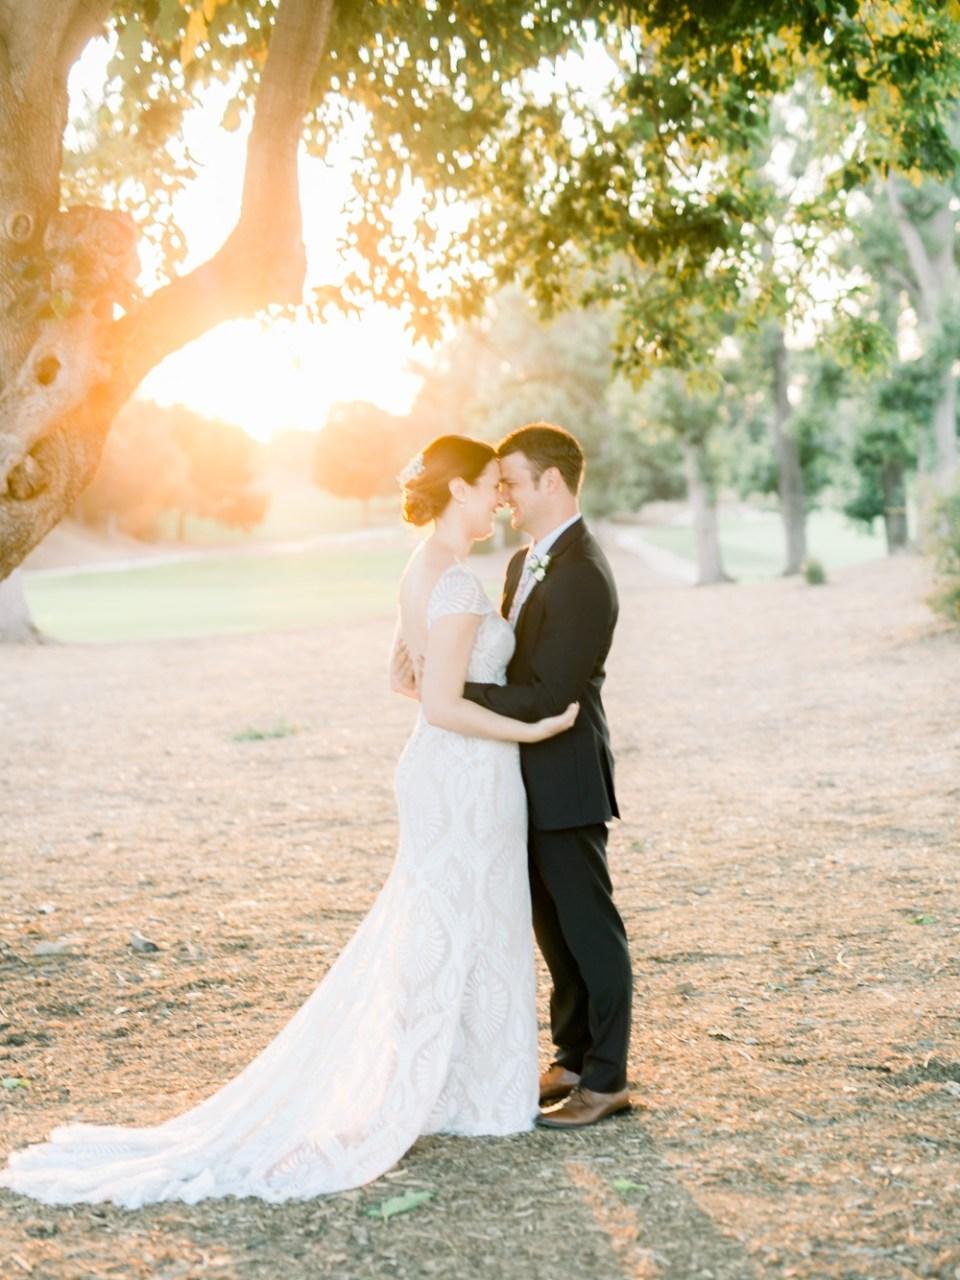 los robles greens wedding venue